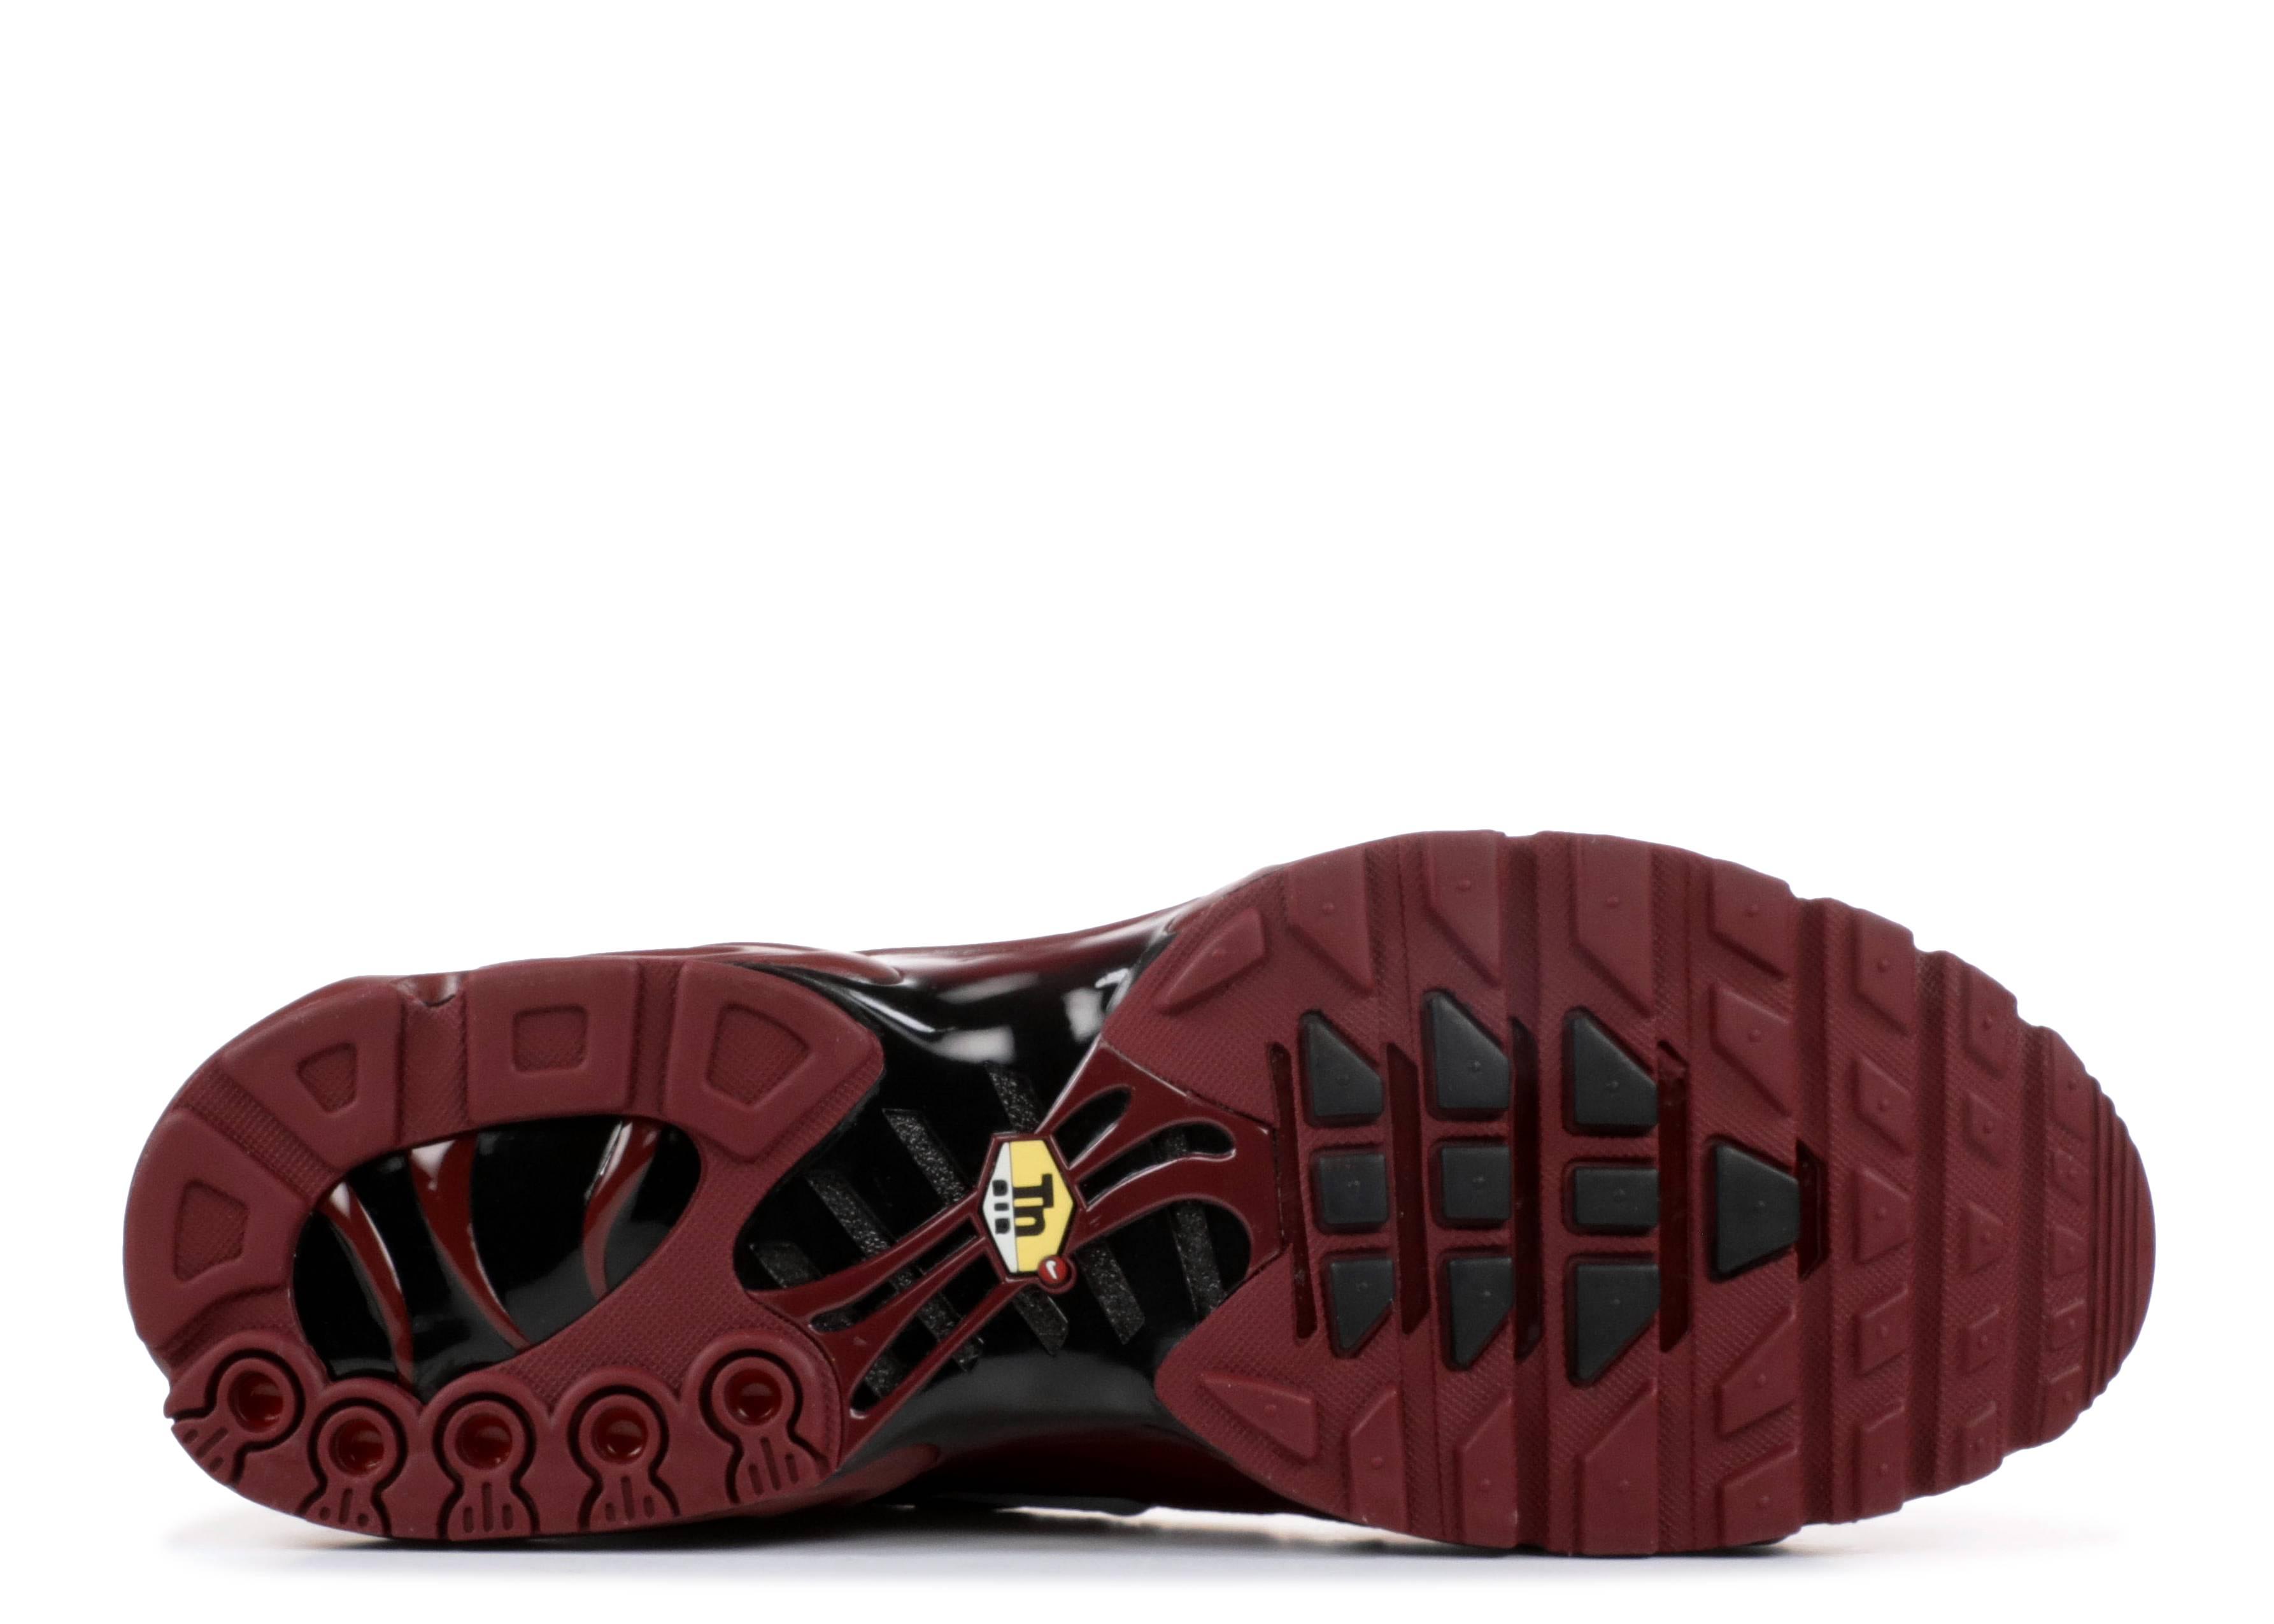 d6b42bb193 Air Max Plus - Nike - 852630 602 - team red/white-black | Flight Club